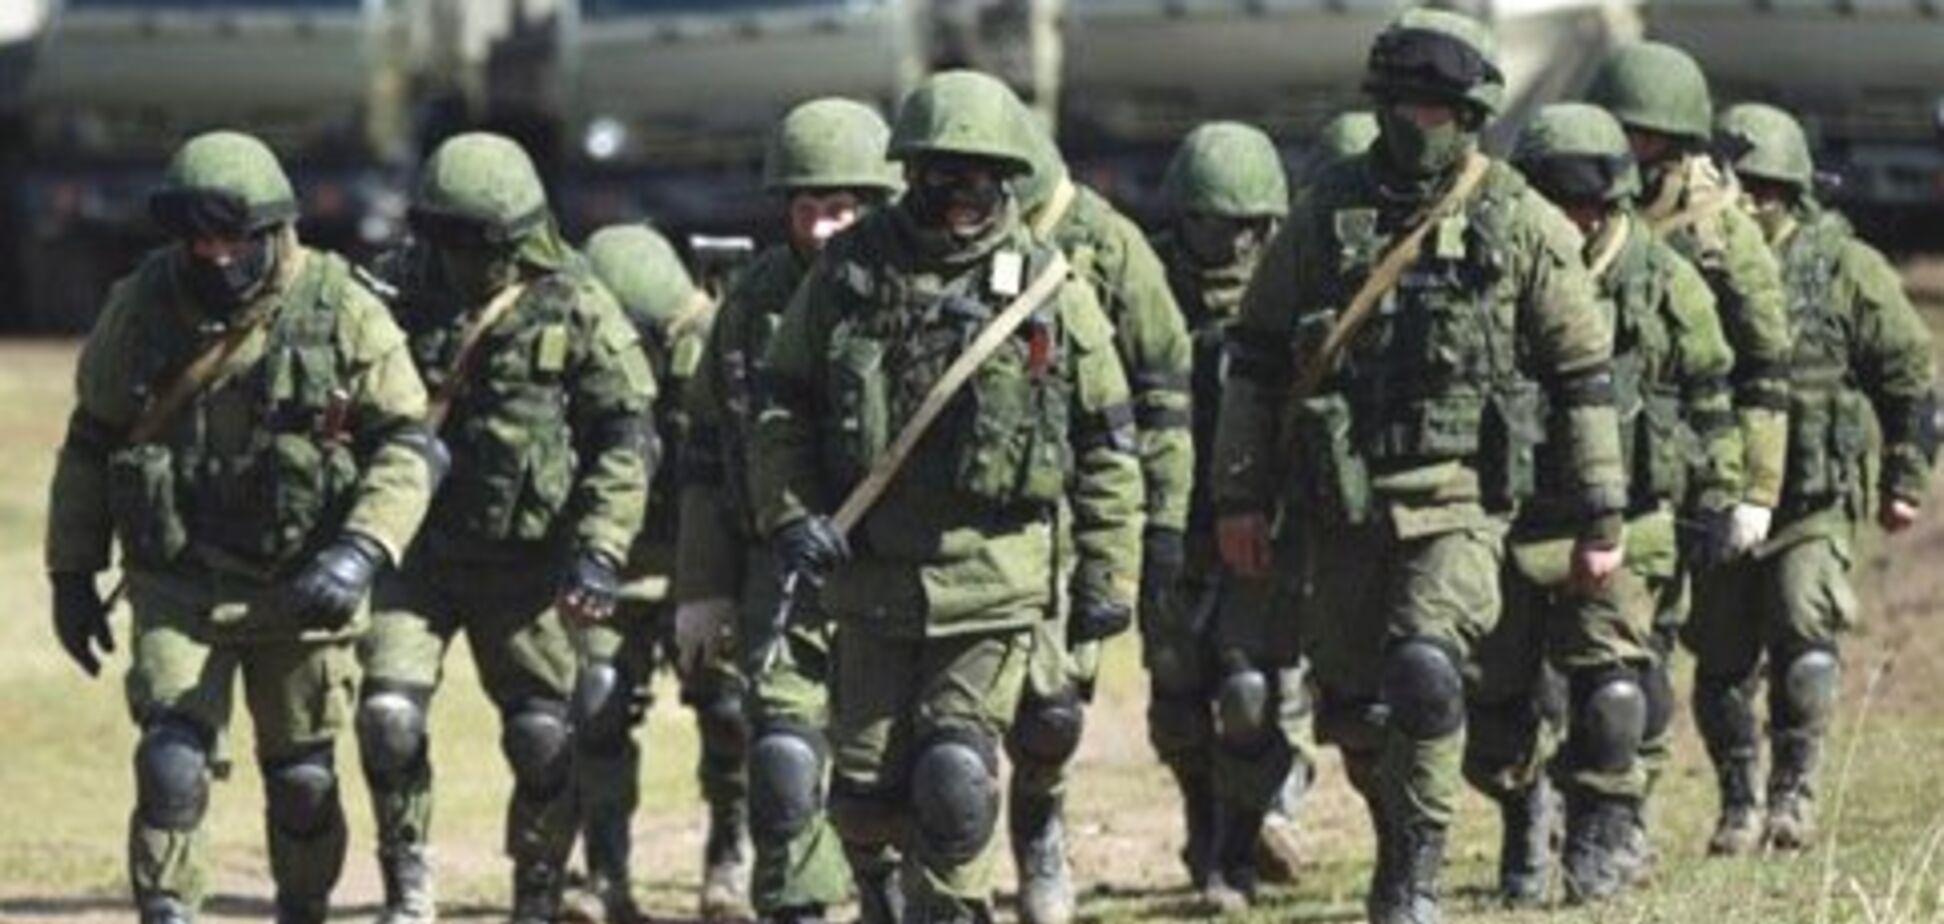 ЗСУ зупинили: став відомий скандальний нюанс захоплення Криму